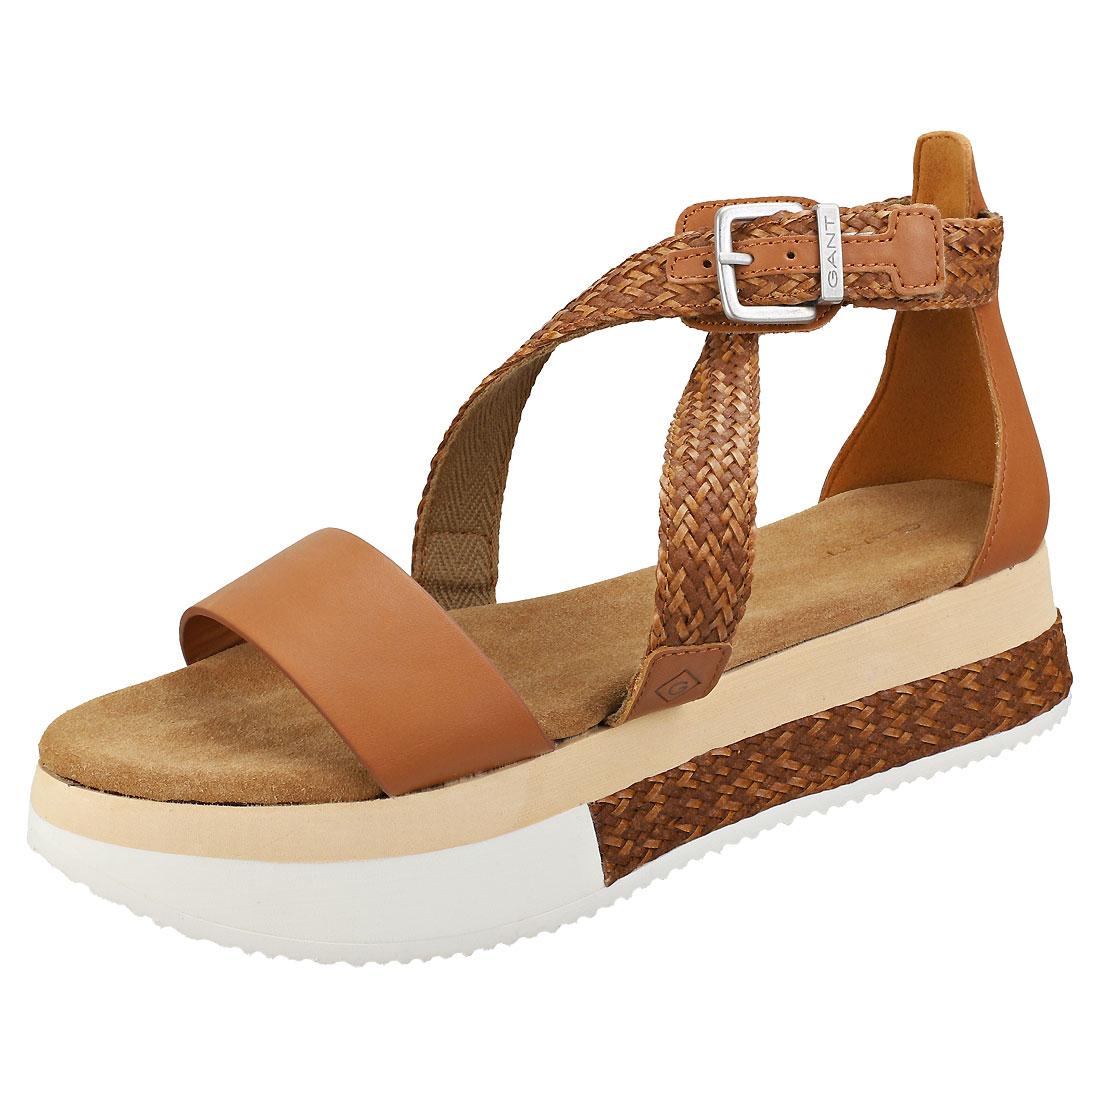 GANT Sant Ana donna Cognac Cuoio Synthetic Flatbform  Sandals  prezzo più economico